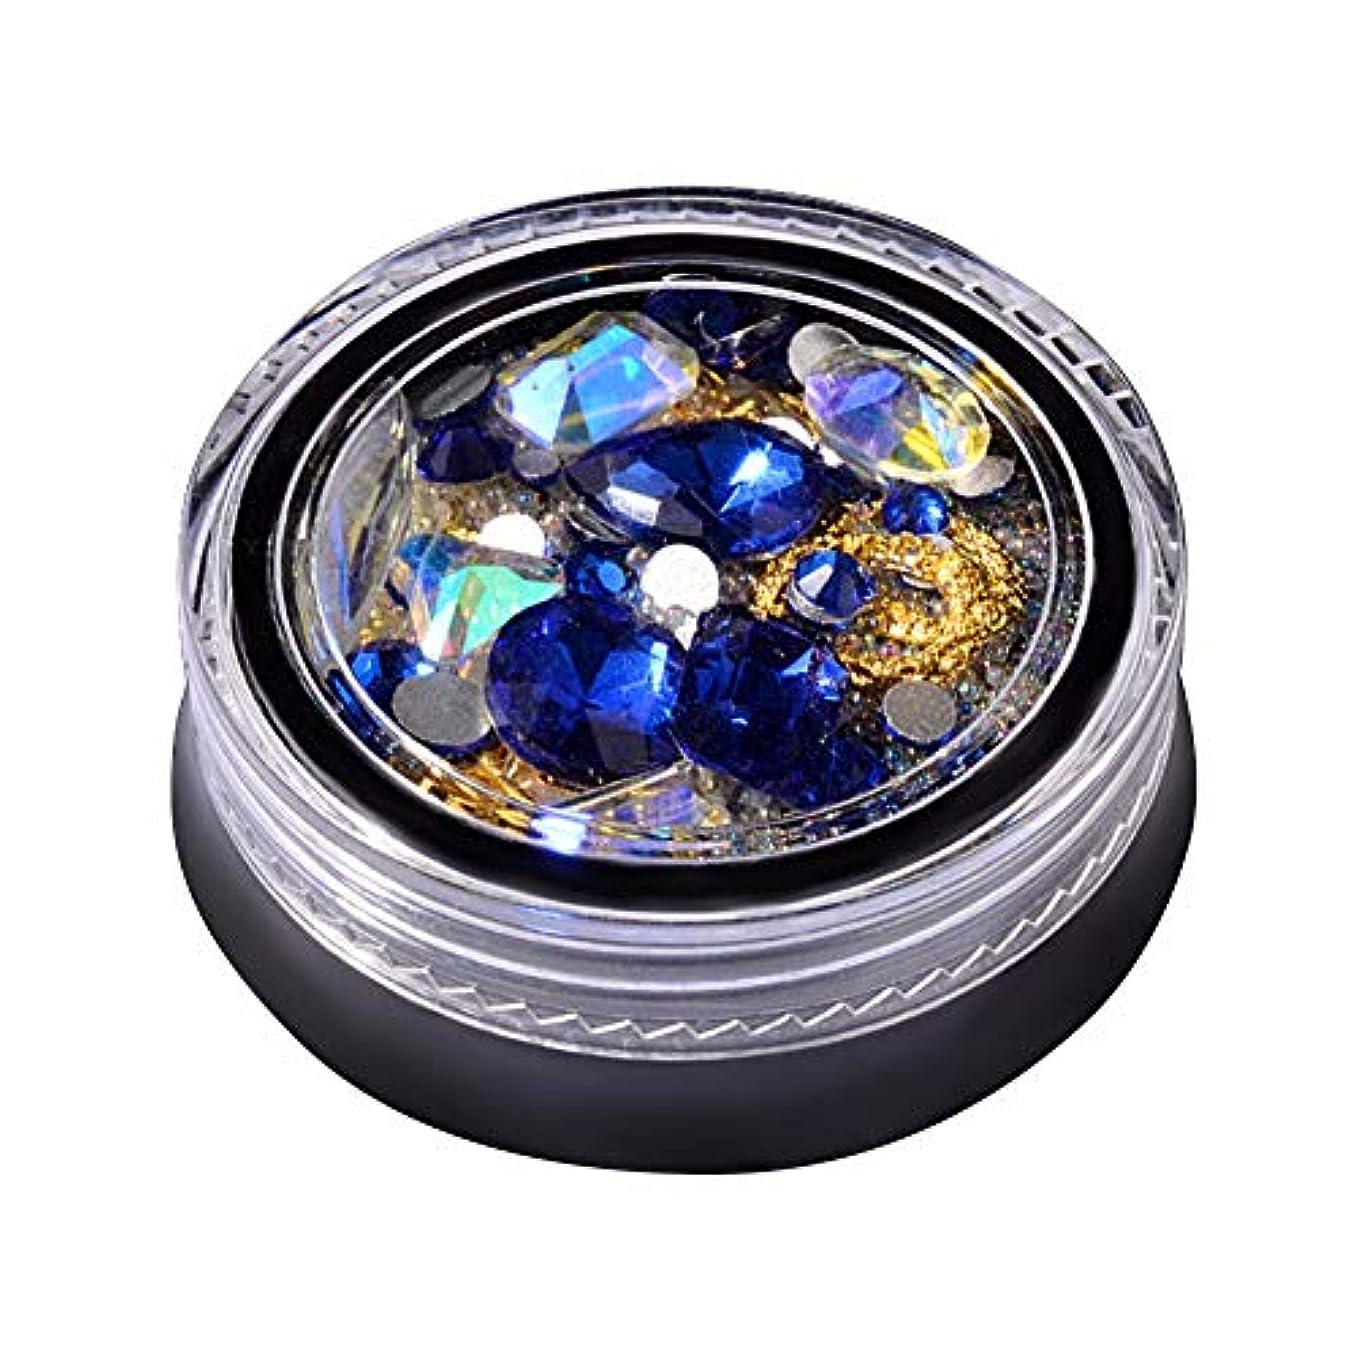 拘束する必要としている順応性ネイルジュエリーネイルダイヤモンド形の多面的な創造的な装飾的な模造ダイヤモンドドリルダイヤモンドは青のDIYネイルアートツールセットの小道具